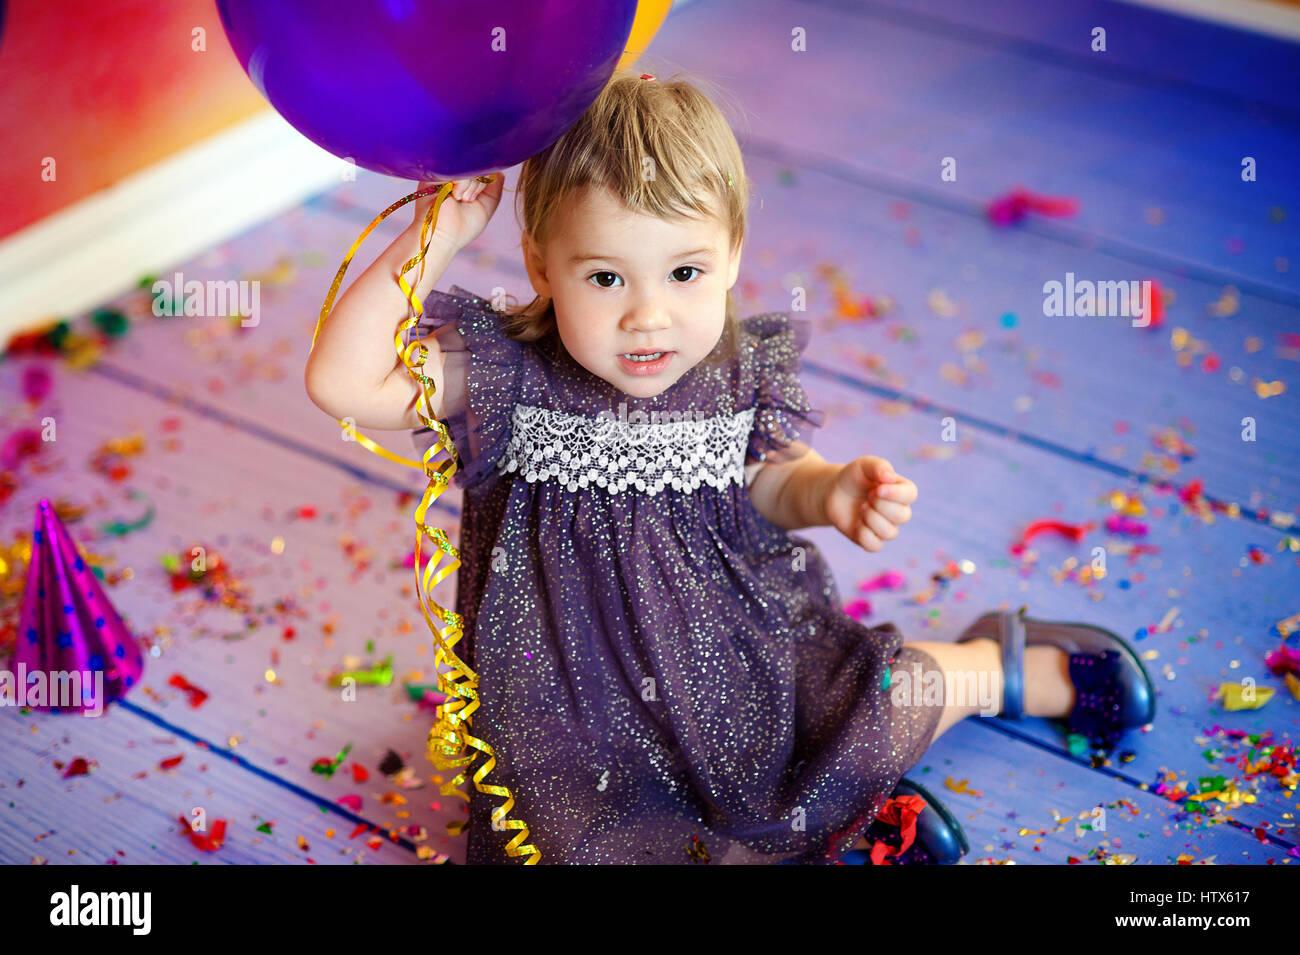 Lindo bebé niña 1-2 años sentados en el suelo con globos de color rosa en la habitación. Fiesta Imagen De Stock